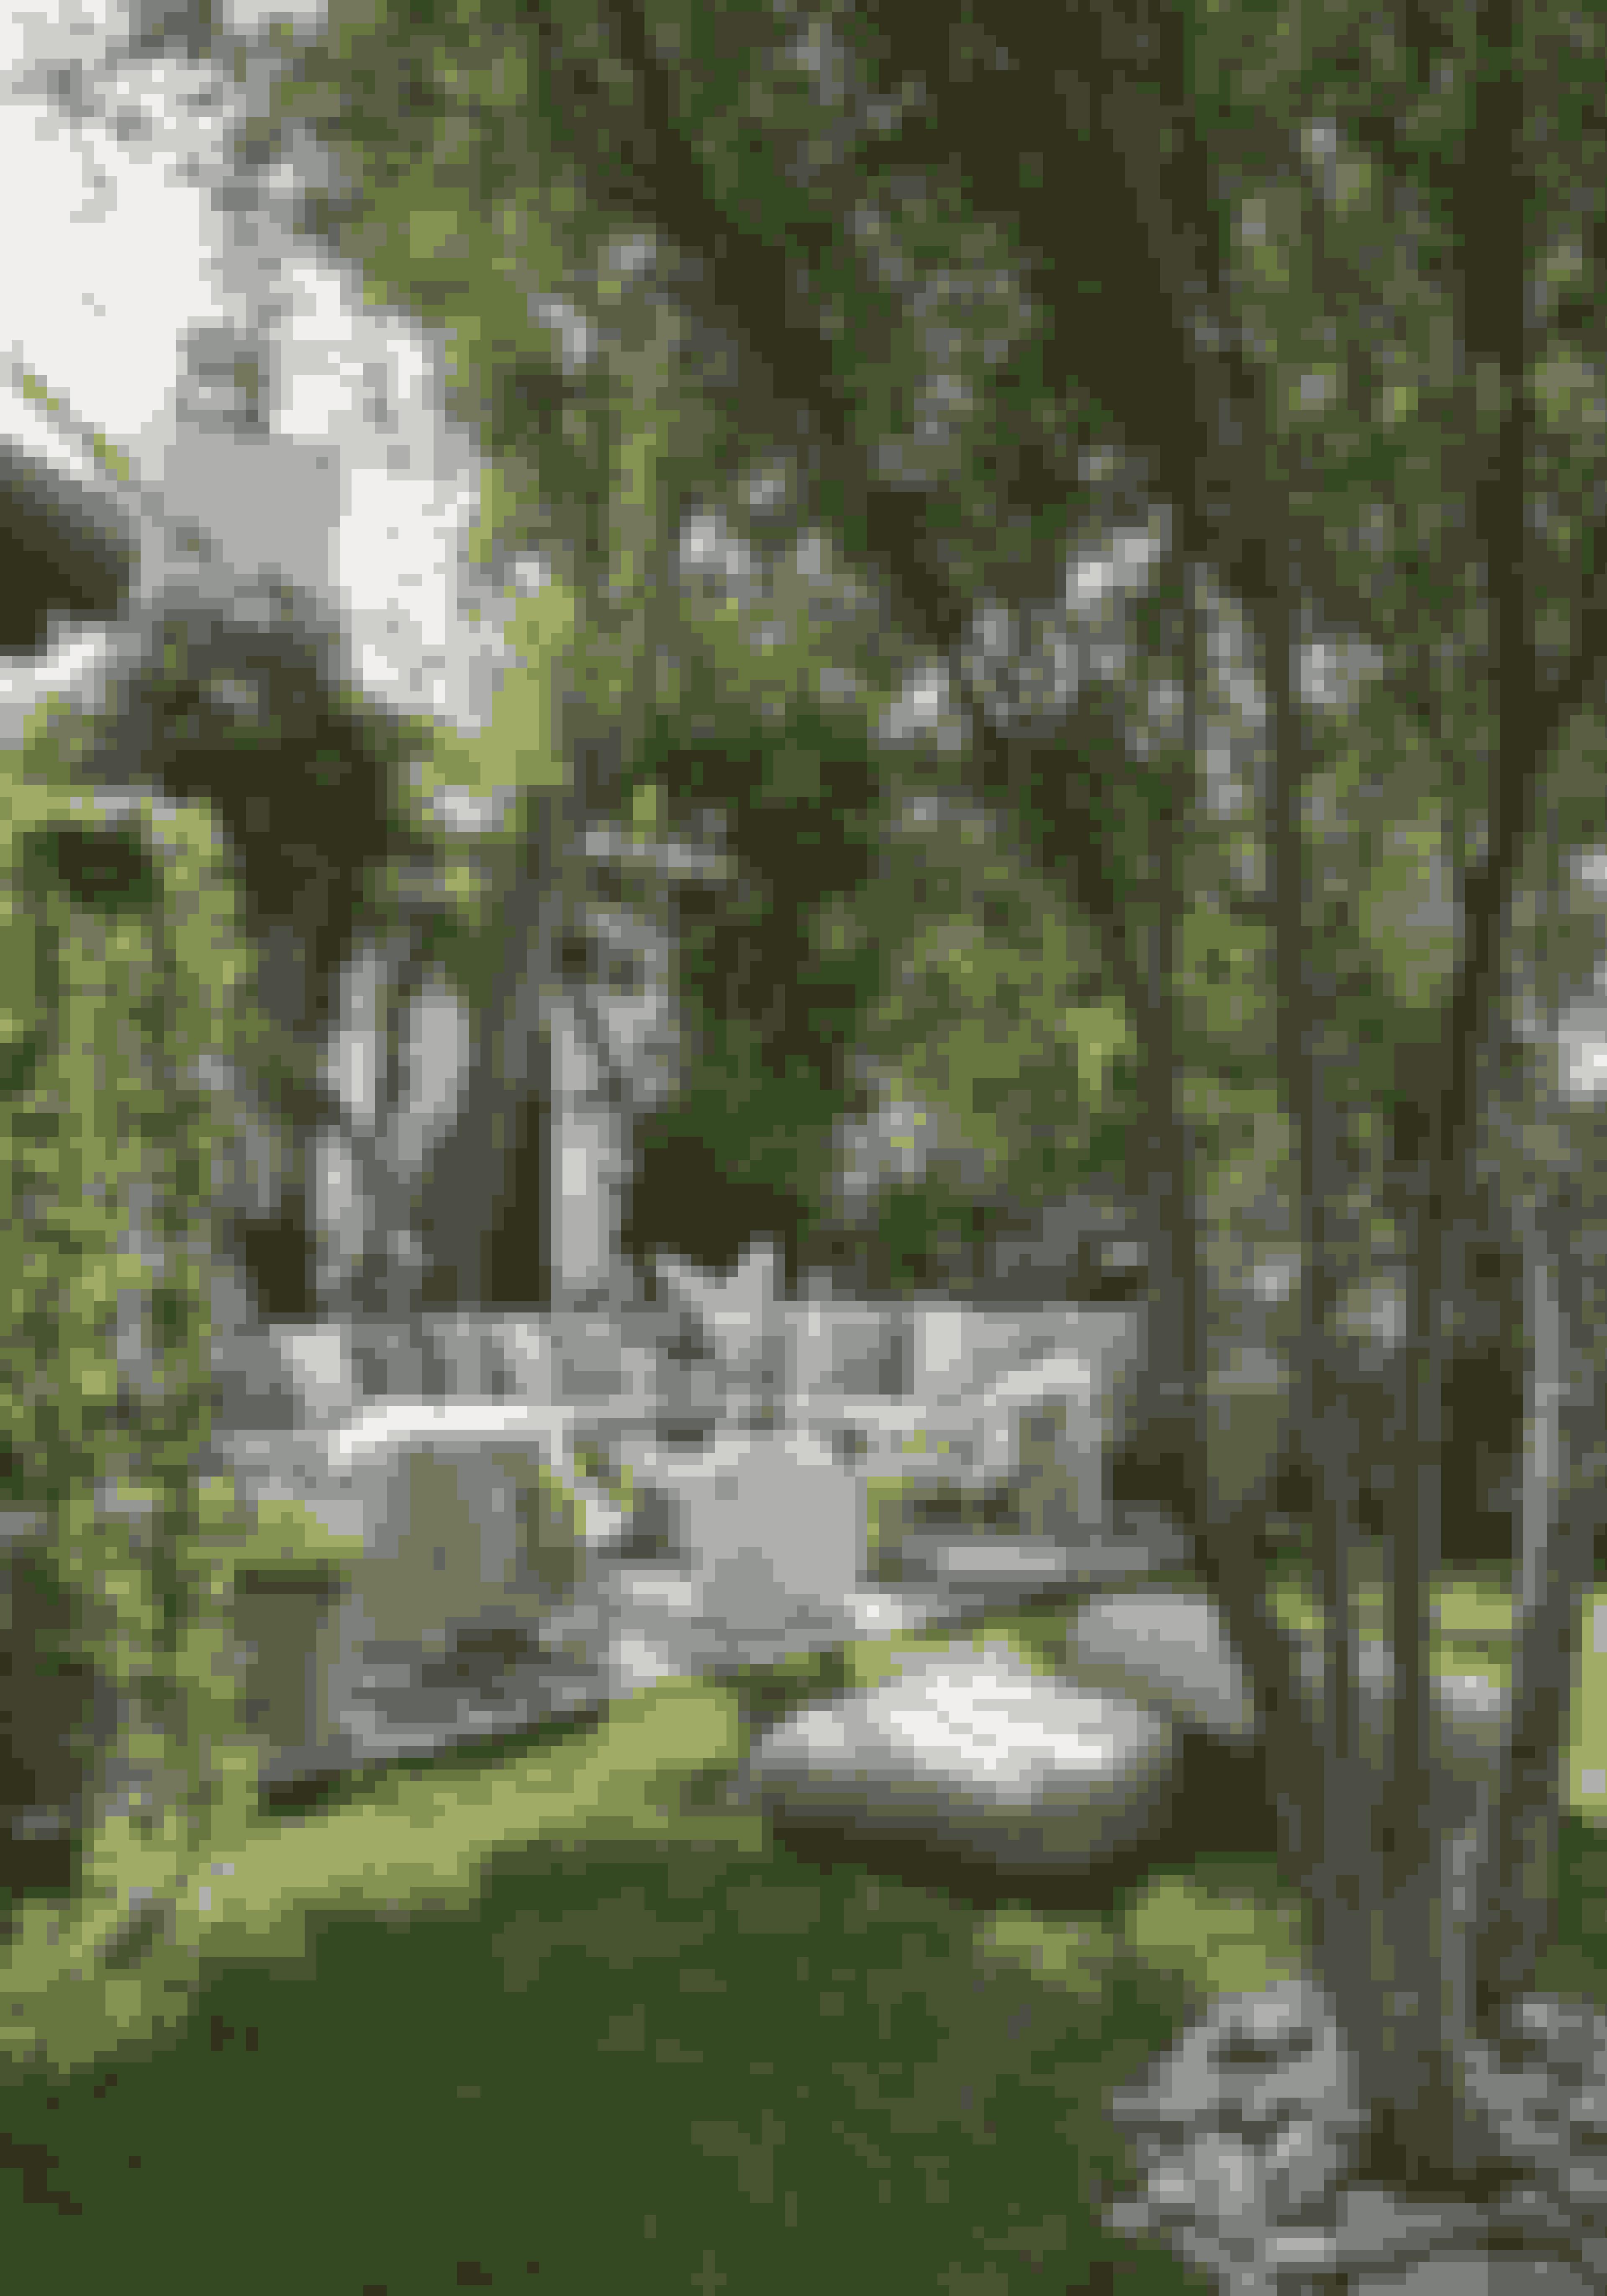 Få ægte loungestemning på terrassen, og indret dig med en sofa, der indbyder til afslapning på langs. Sæt prikken over i'et med puder, gulvpuder, skind, krukker og planter, hvis du ønsker at indrette terrassen i sydlandsk stil.